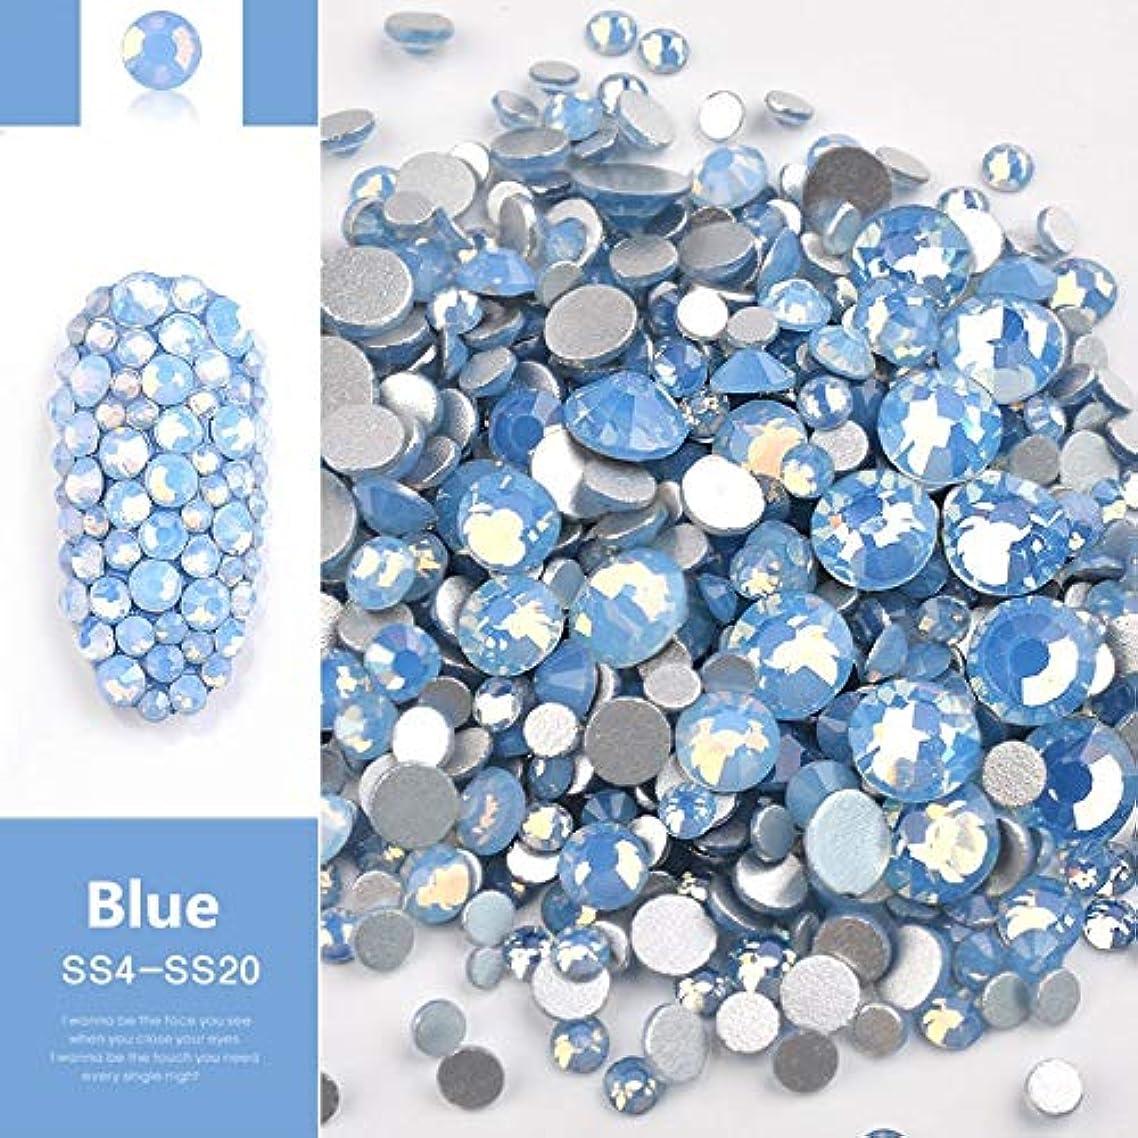 猟犬肉腫情報OWNFSKNL ビーズ樹脂クリスタルラウンドネイルアートミックスフラットバックアクリルラインストーンミックスサイズ1.5-4.5 mm装飾用ネイル (Color : Blue)